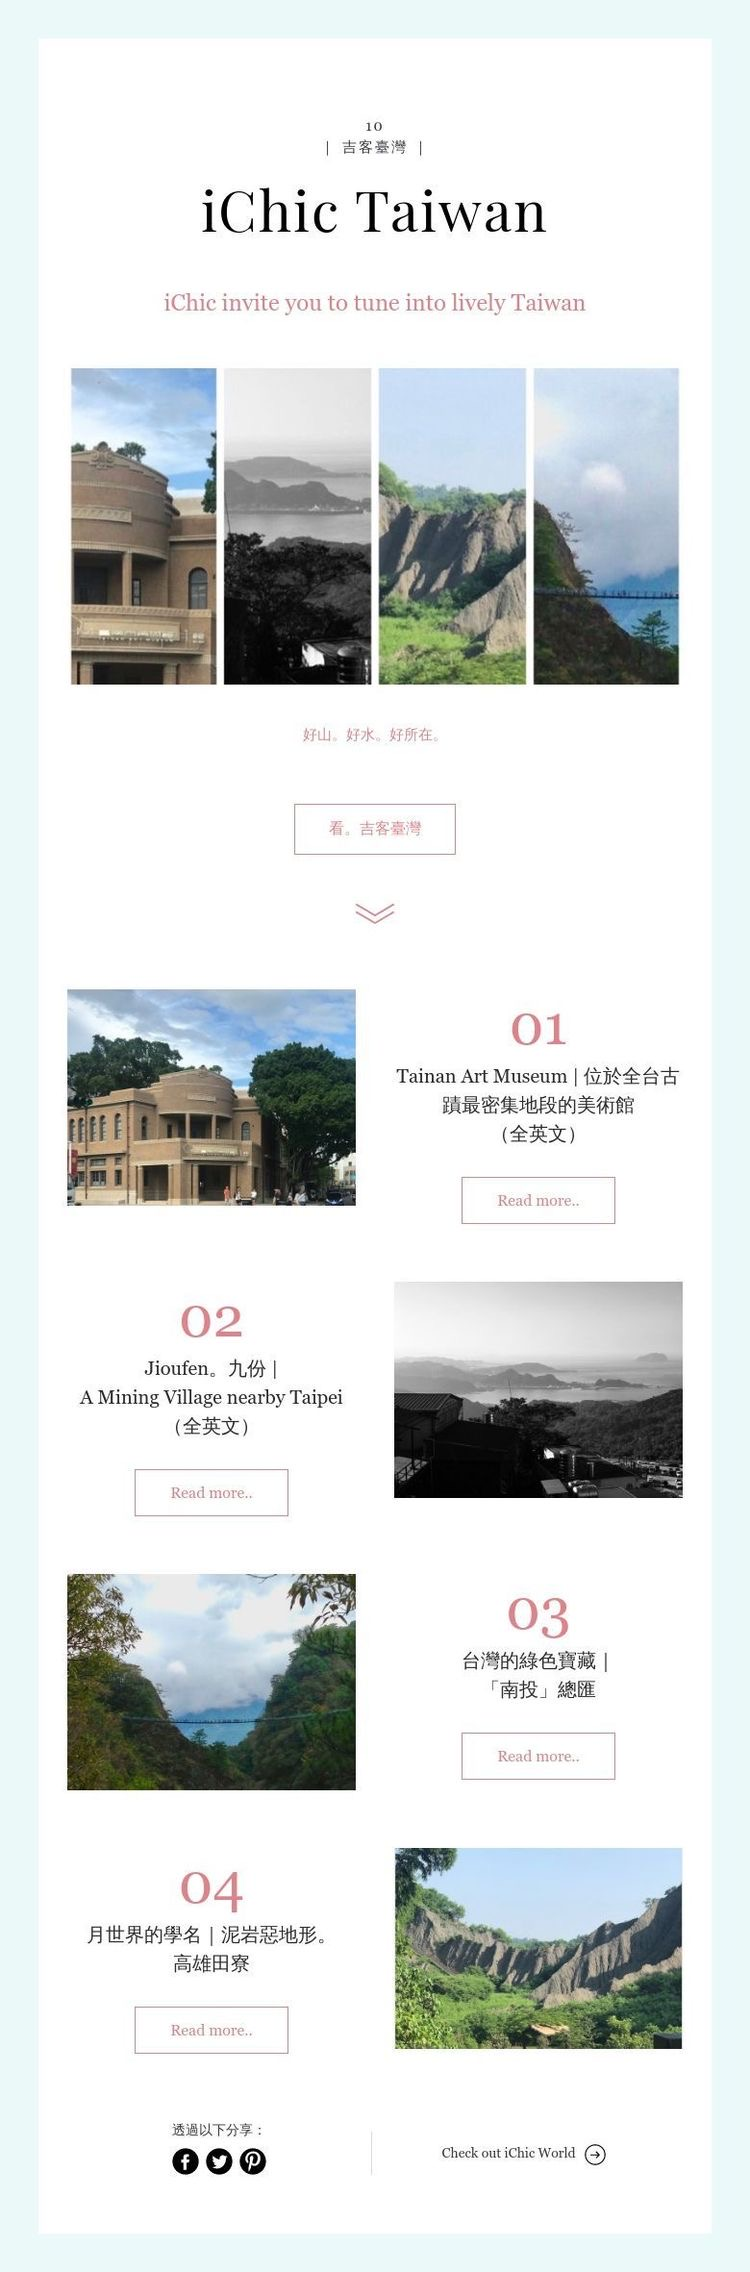 10 | 吉客臺灣 | iChic Taiwan